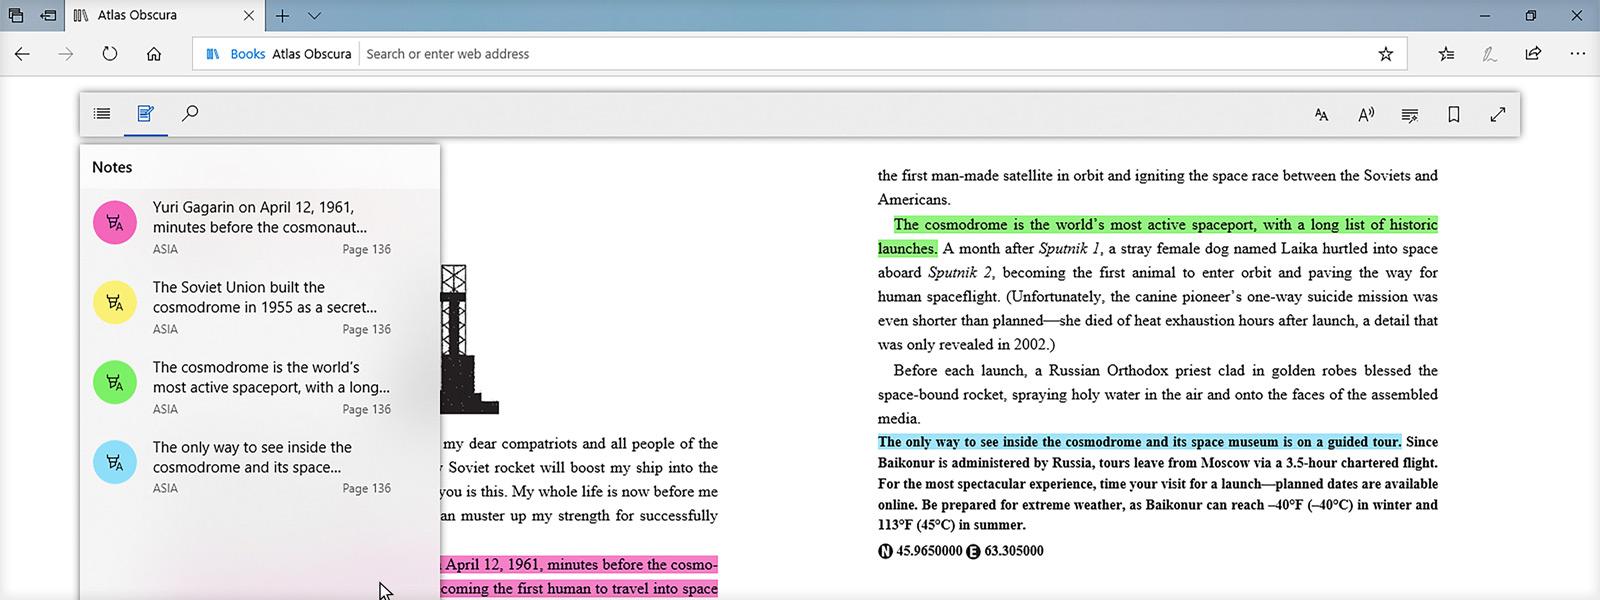 Зображення, що показує виділення тексту під час читання книжок у Microsoft Edge